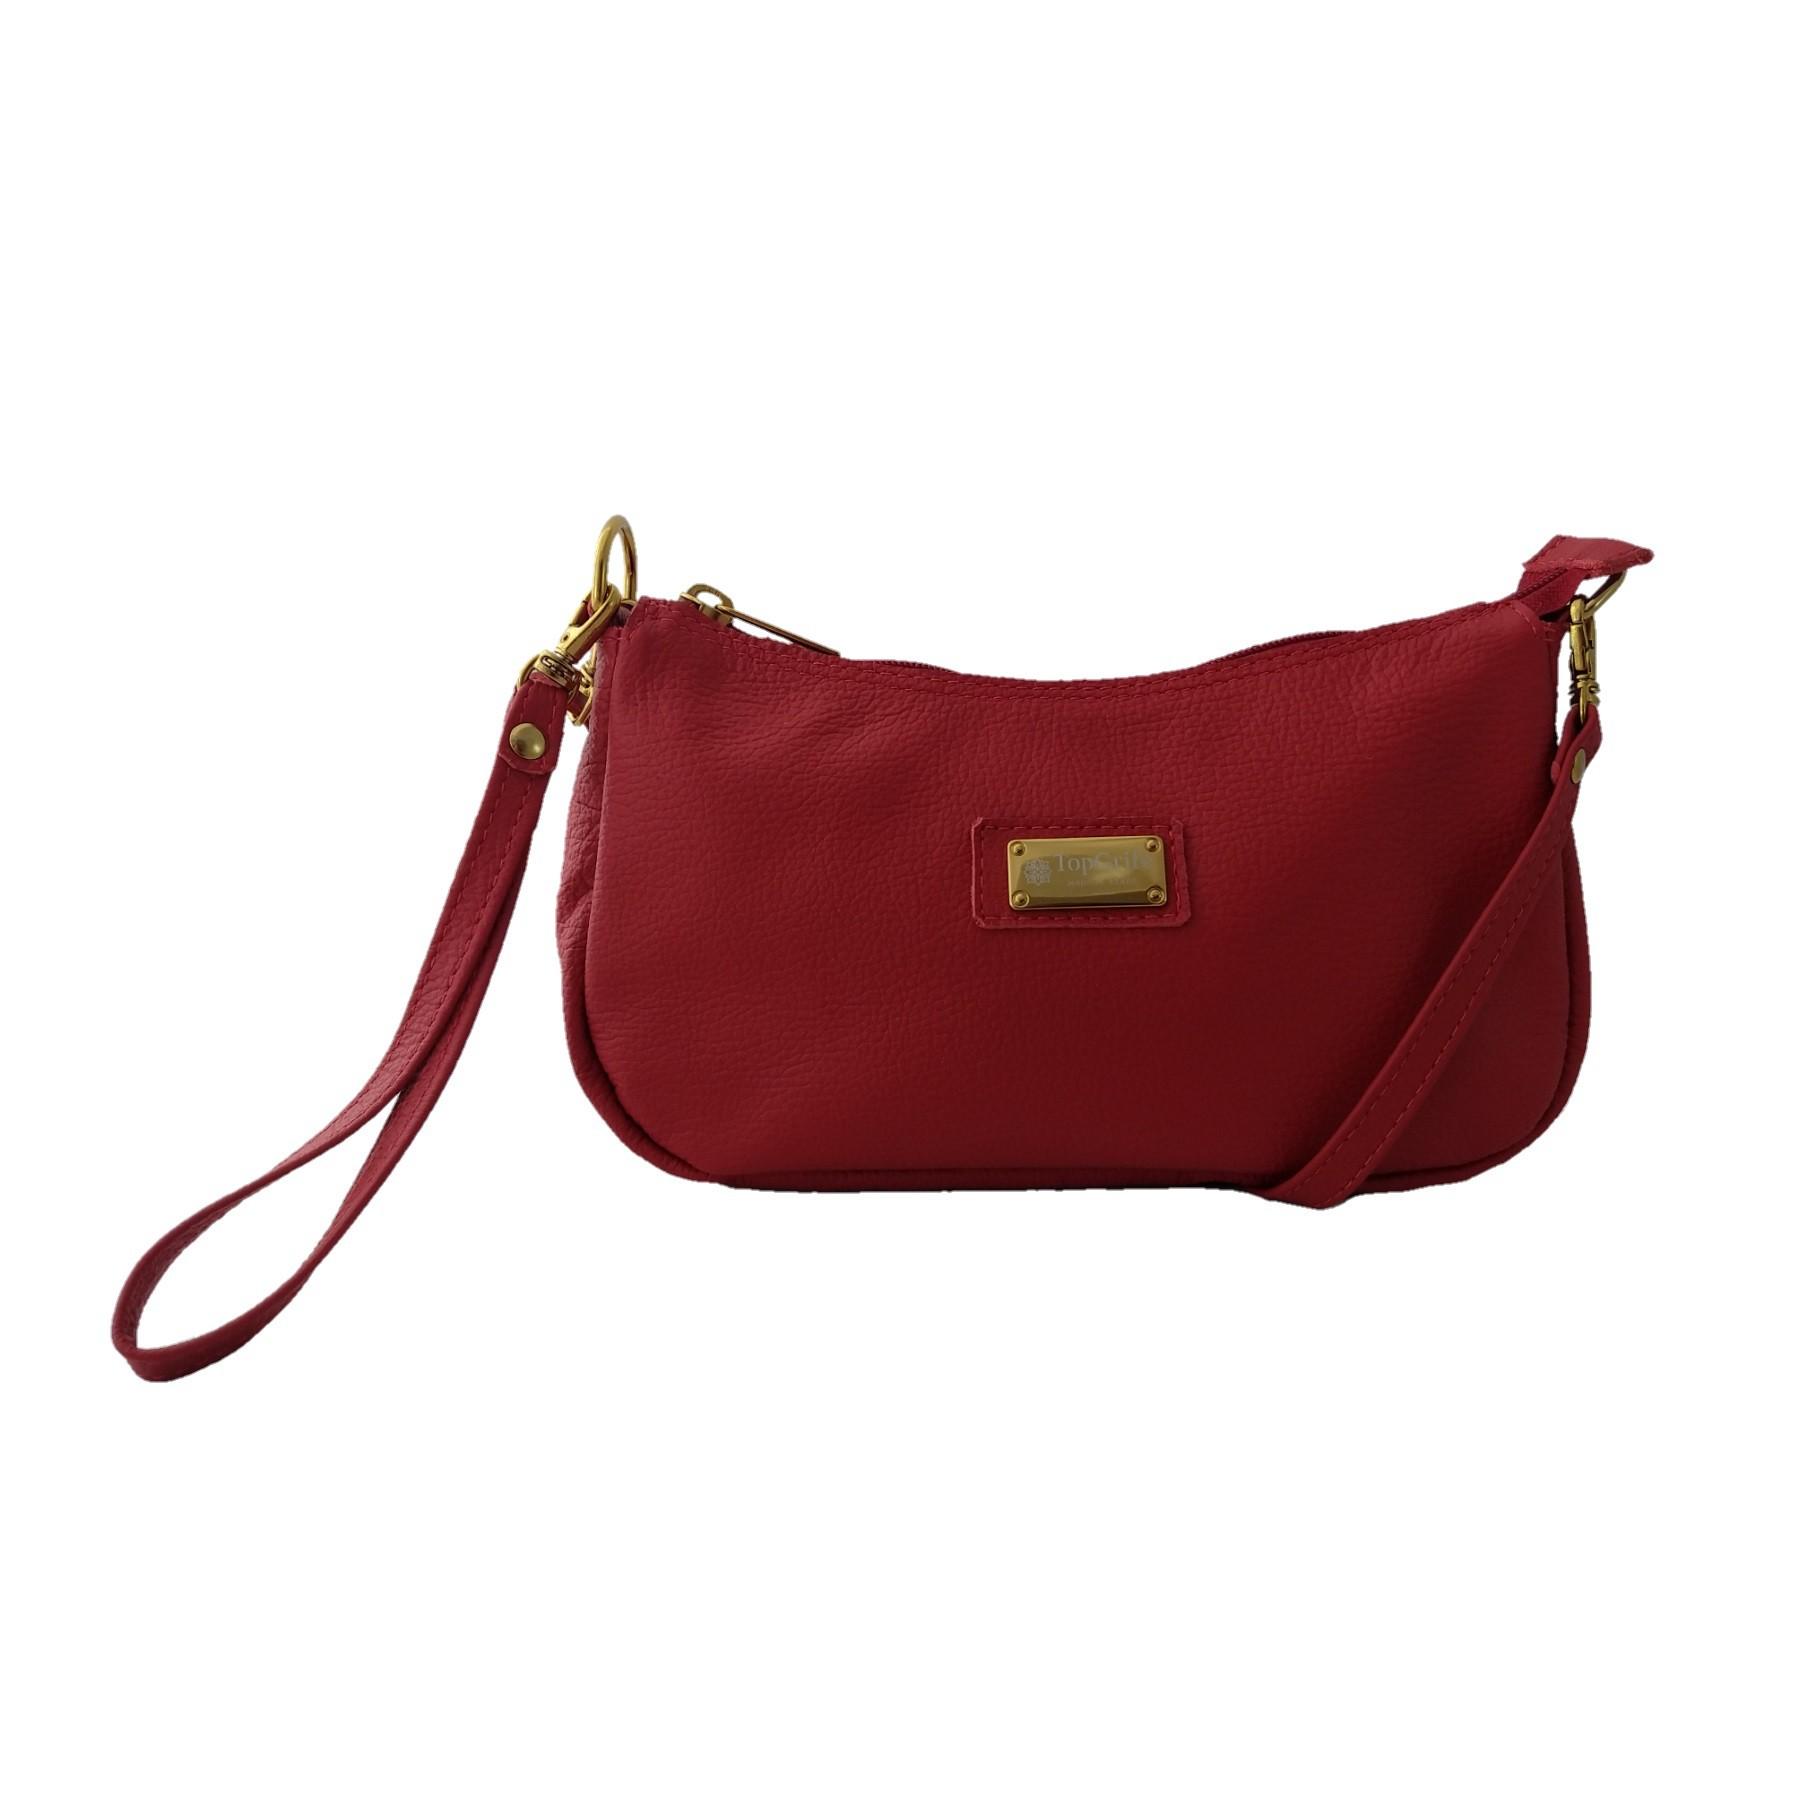 Bolsa Carteira Clutch TopGrife Transversal Couro Vermelho - Promoção  - SAPATOWEB.COM